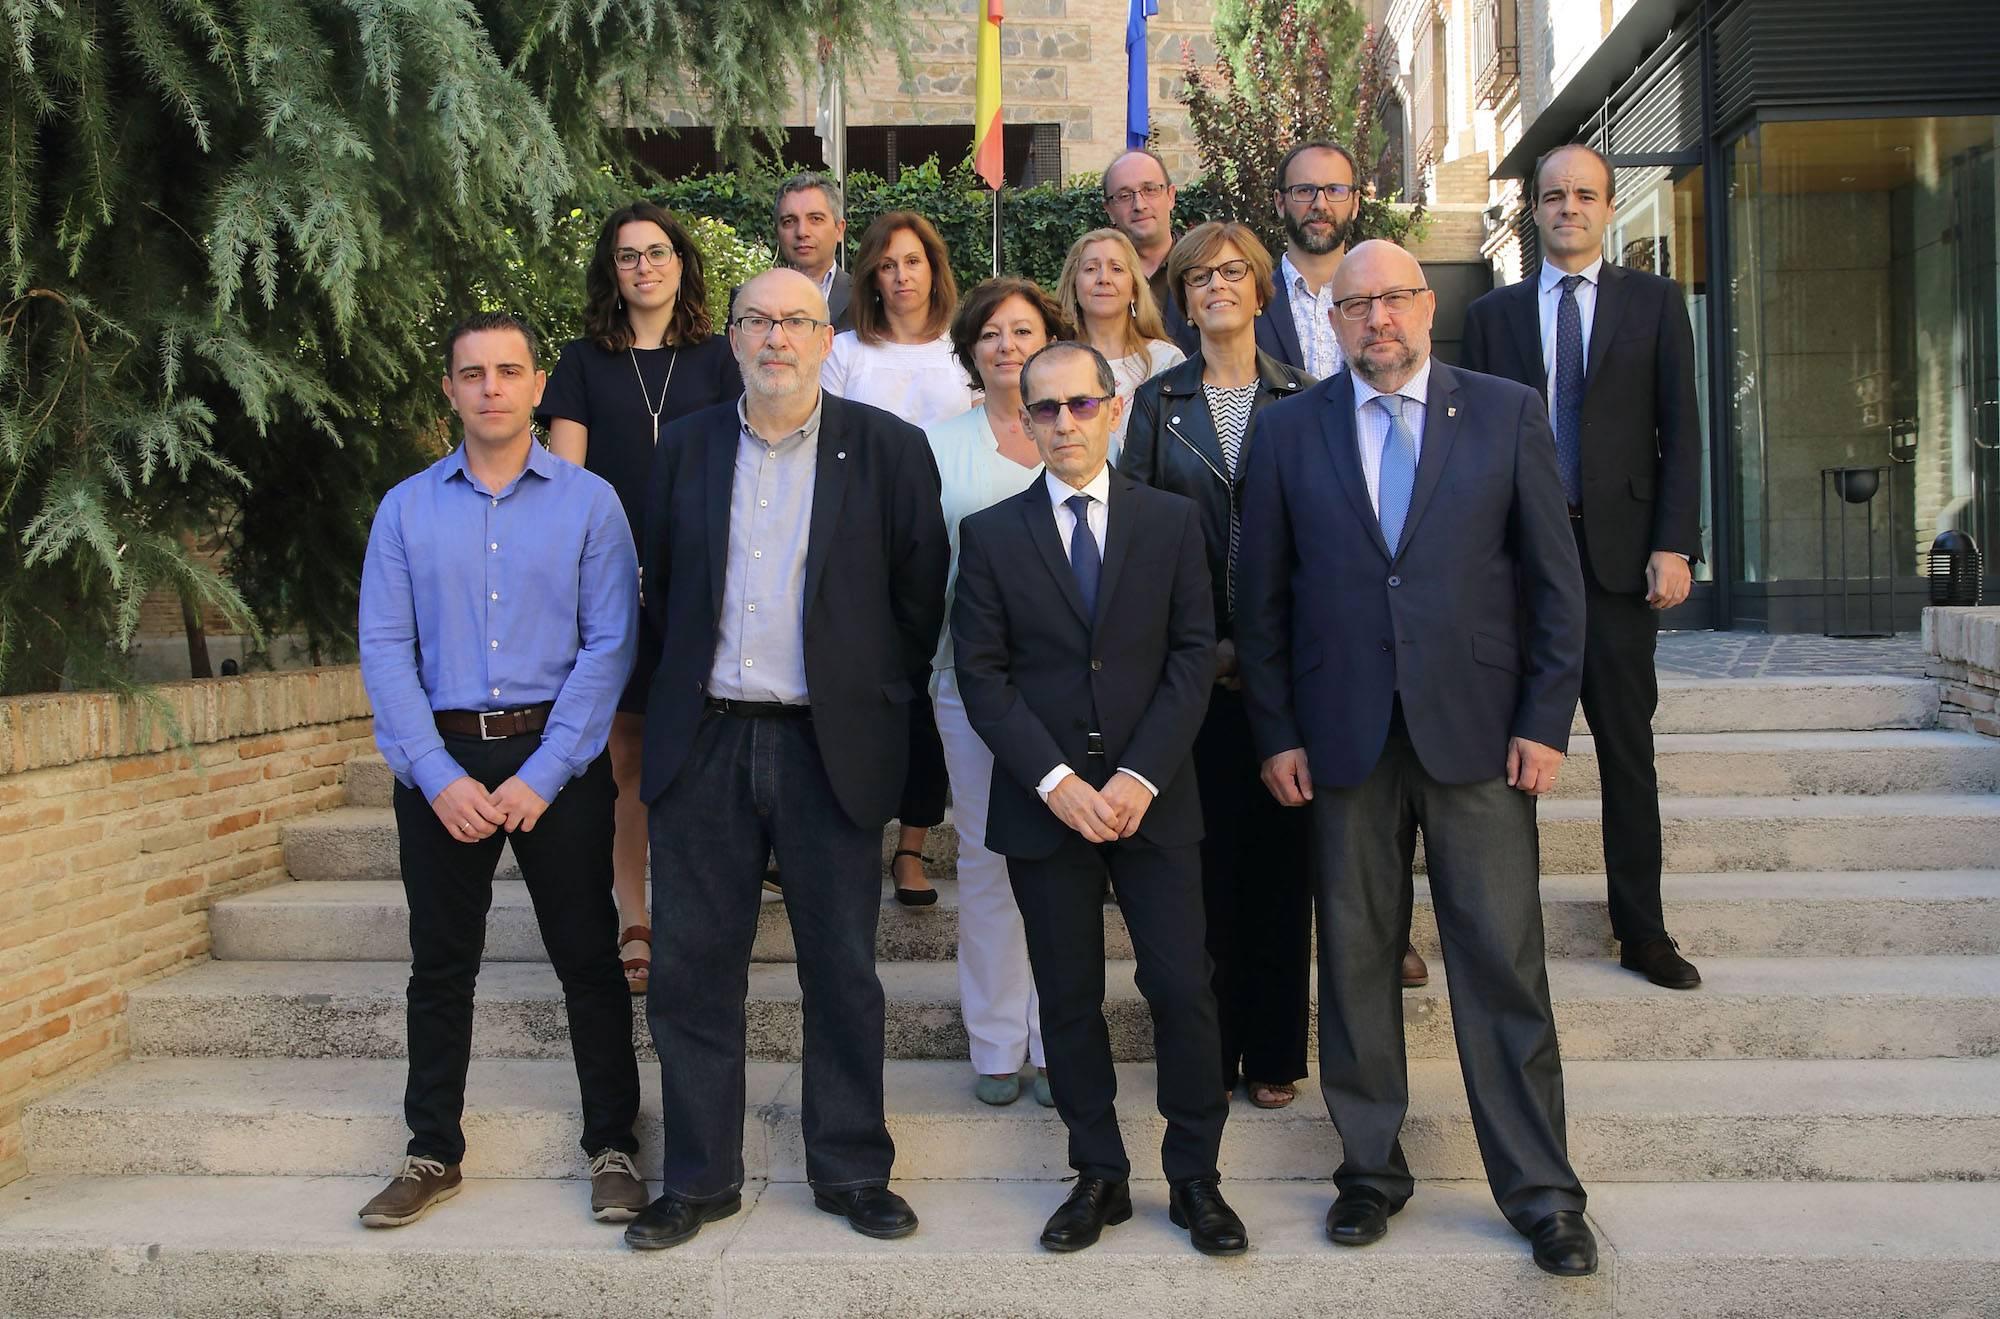 castilla la mancha quiere avanzar en materia de Transparencia y Buen Gobierno - El Gobierno regional quiere avanzar en materia de Transparencia y Buen Gobierno